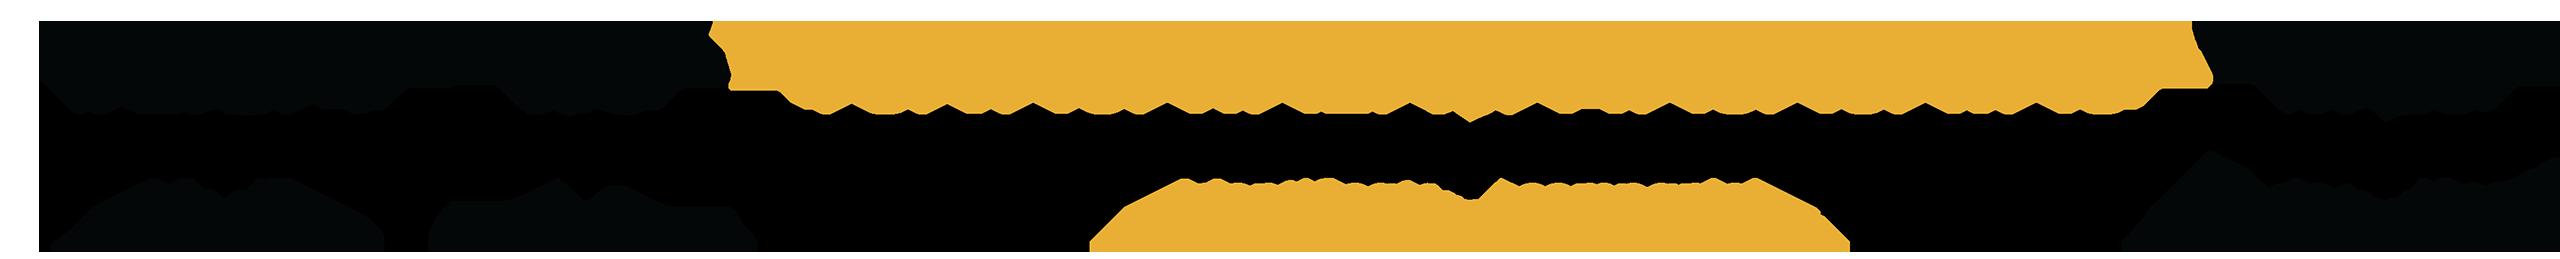 Codul LEI - ce reprezintă cifrele și literele?